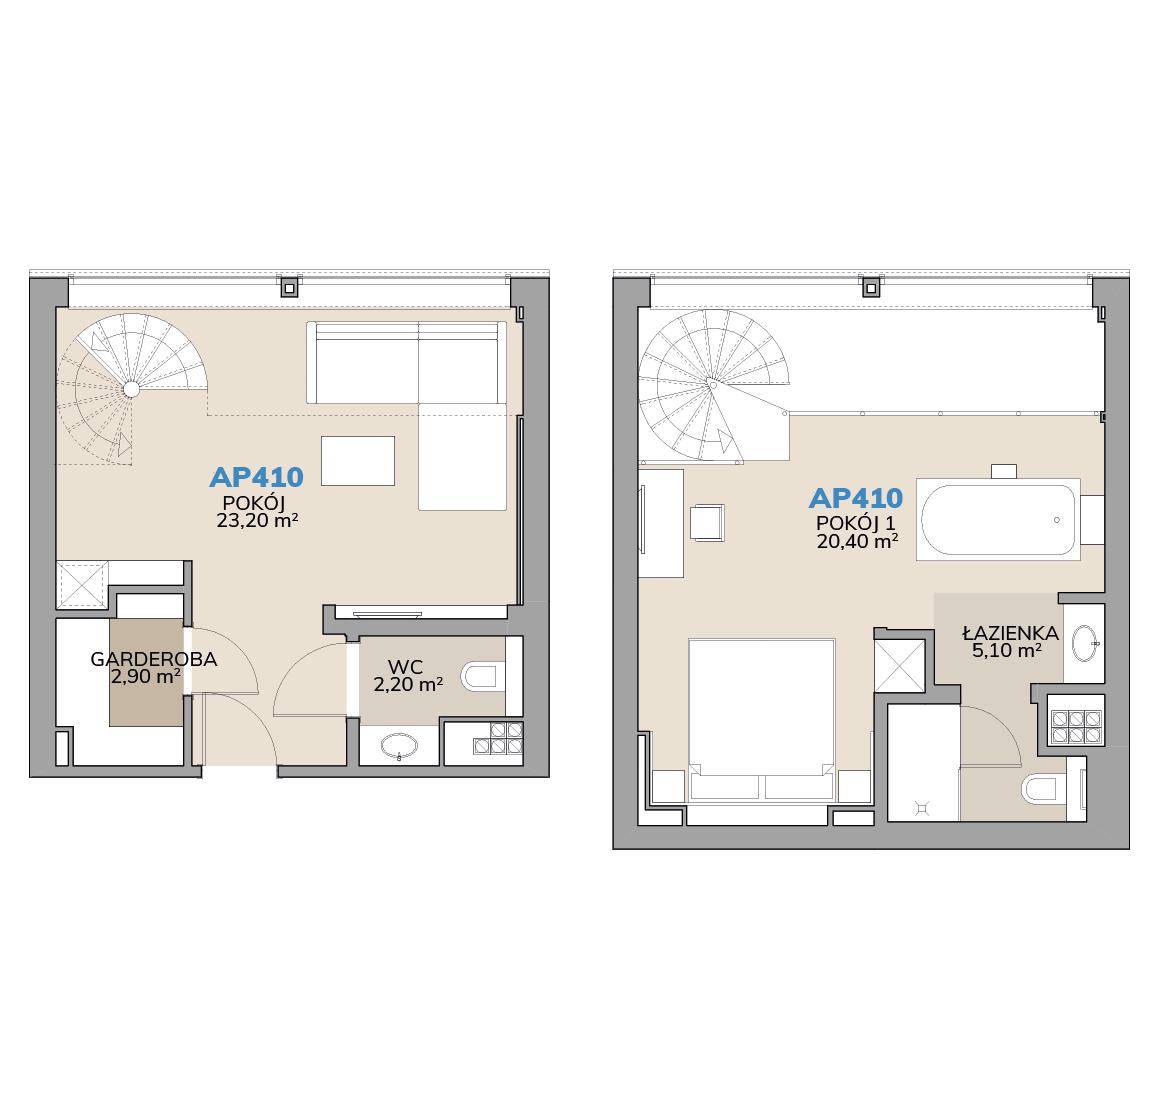 Apartament AP410